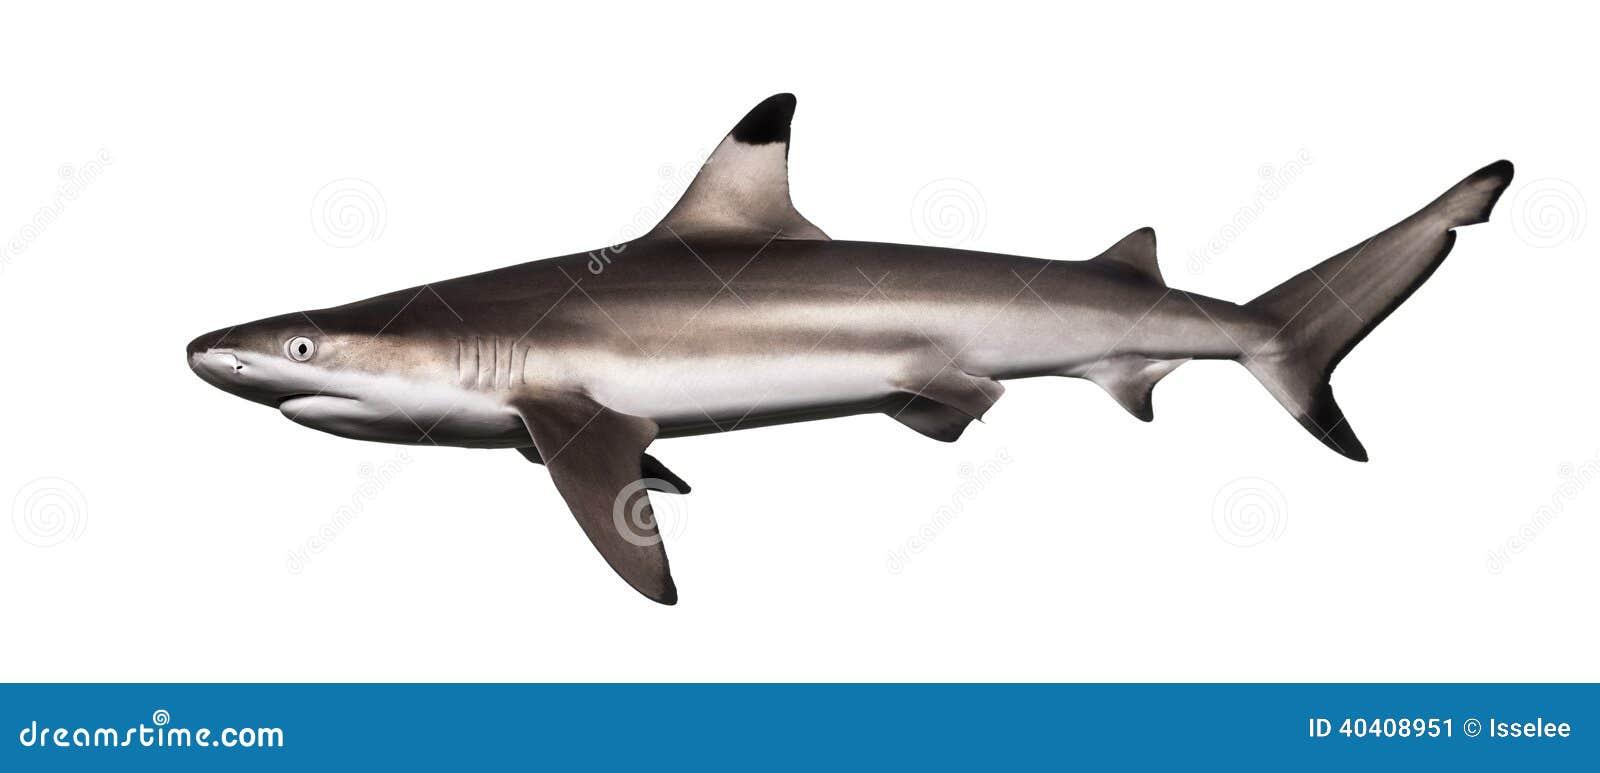 Seitenansicht eines Schwarzspitzen-Riffhais, Carcharhinus melanopterus